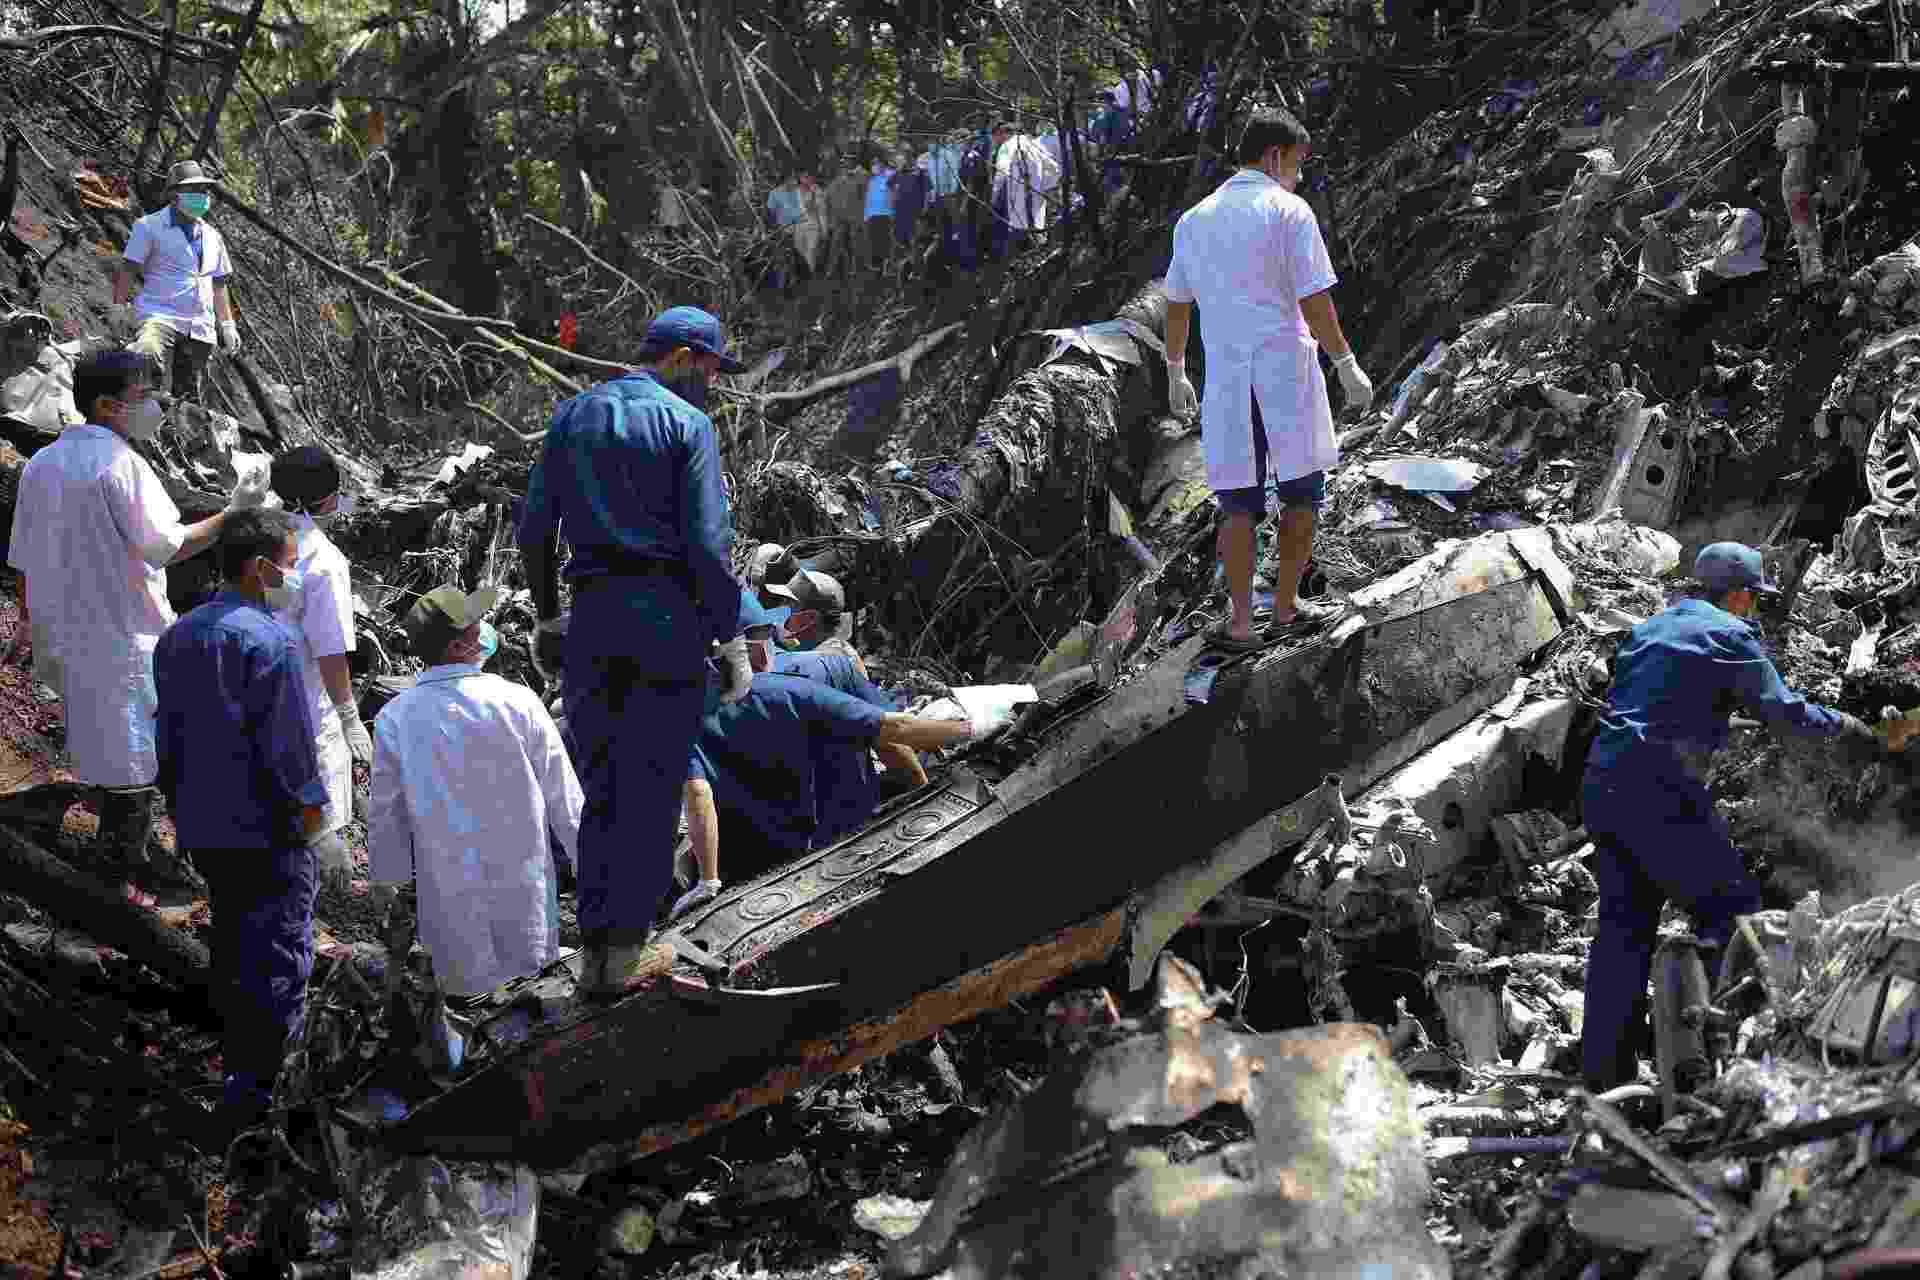 17.mai.2014 - Equipes de resgate examinam local em que um avião da Força Aérea do Laos caiu perto da aldeia Nadee, na província de Xiang Khouang, norte do país - Reuters